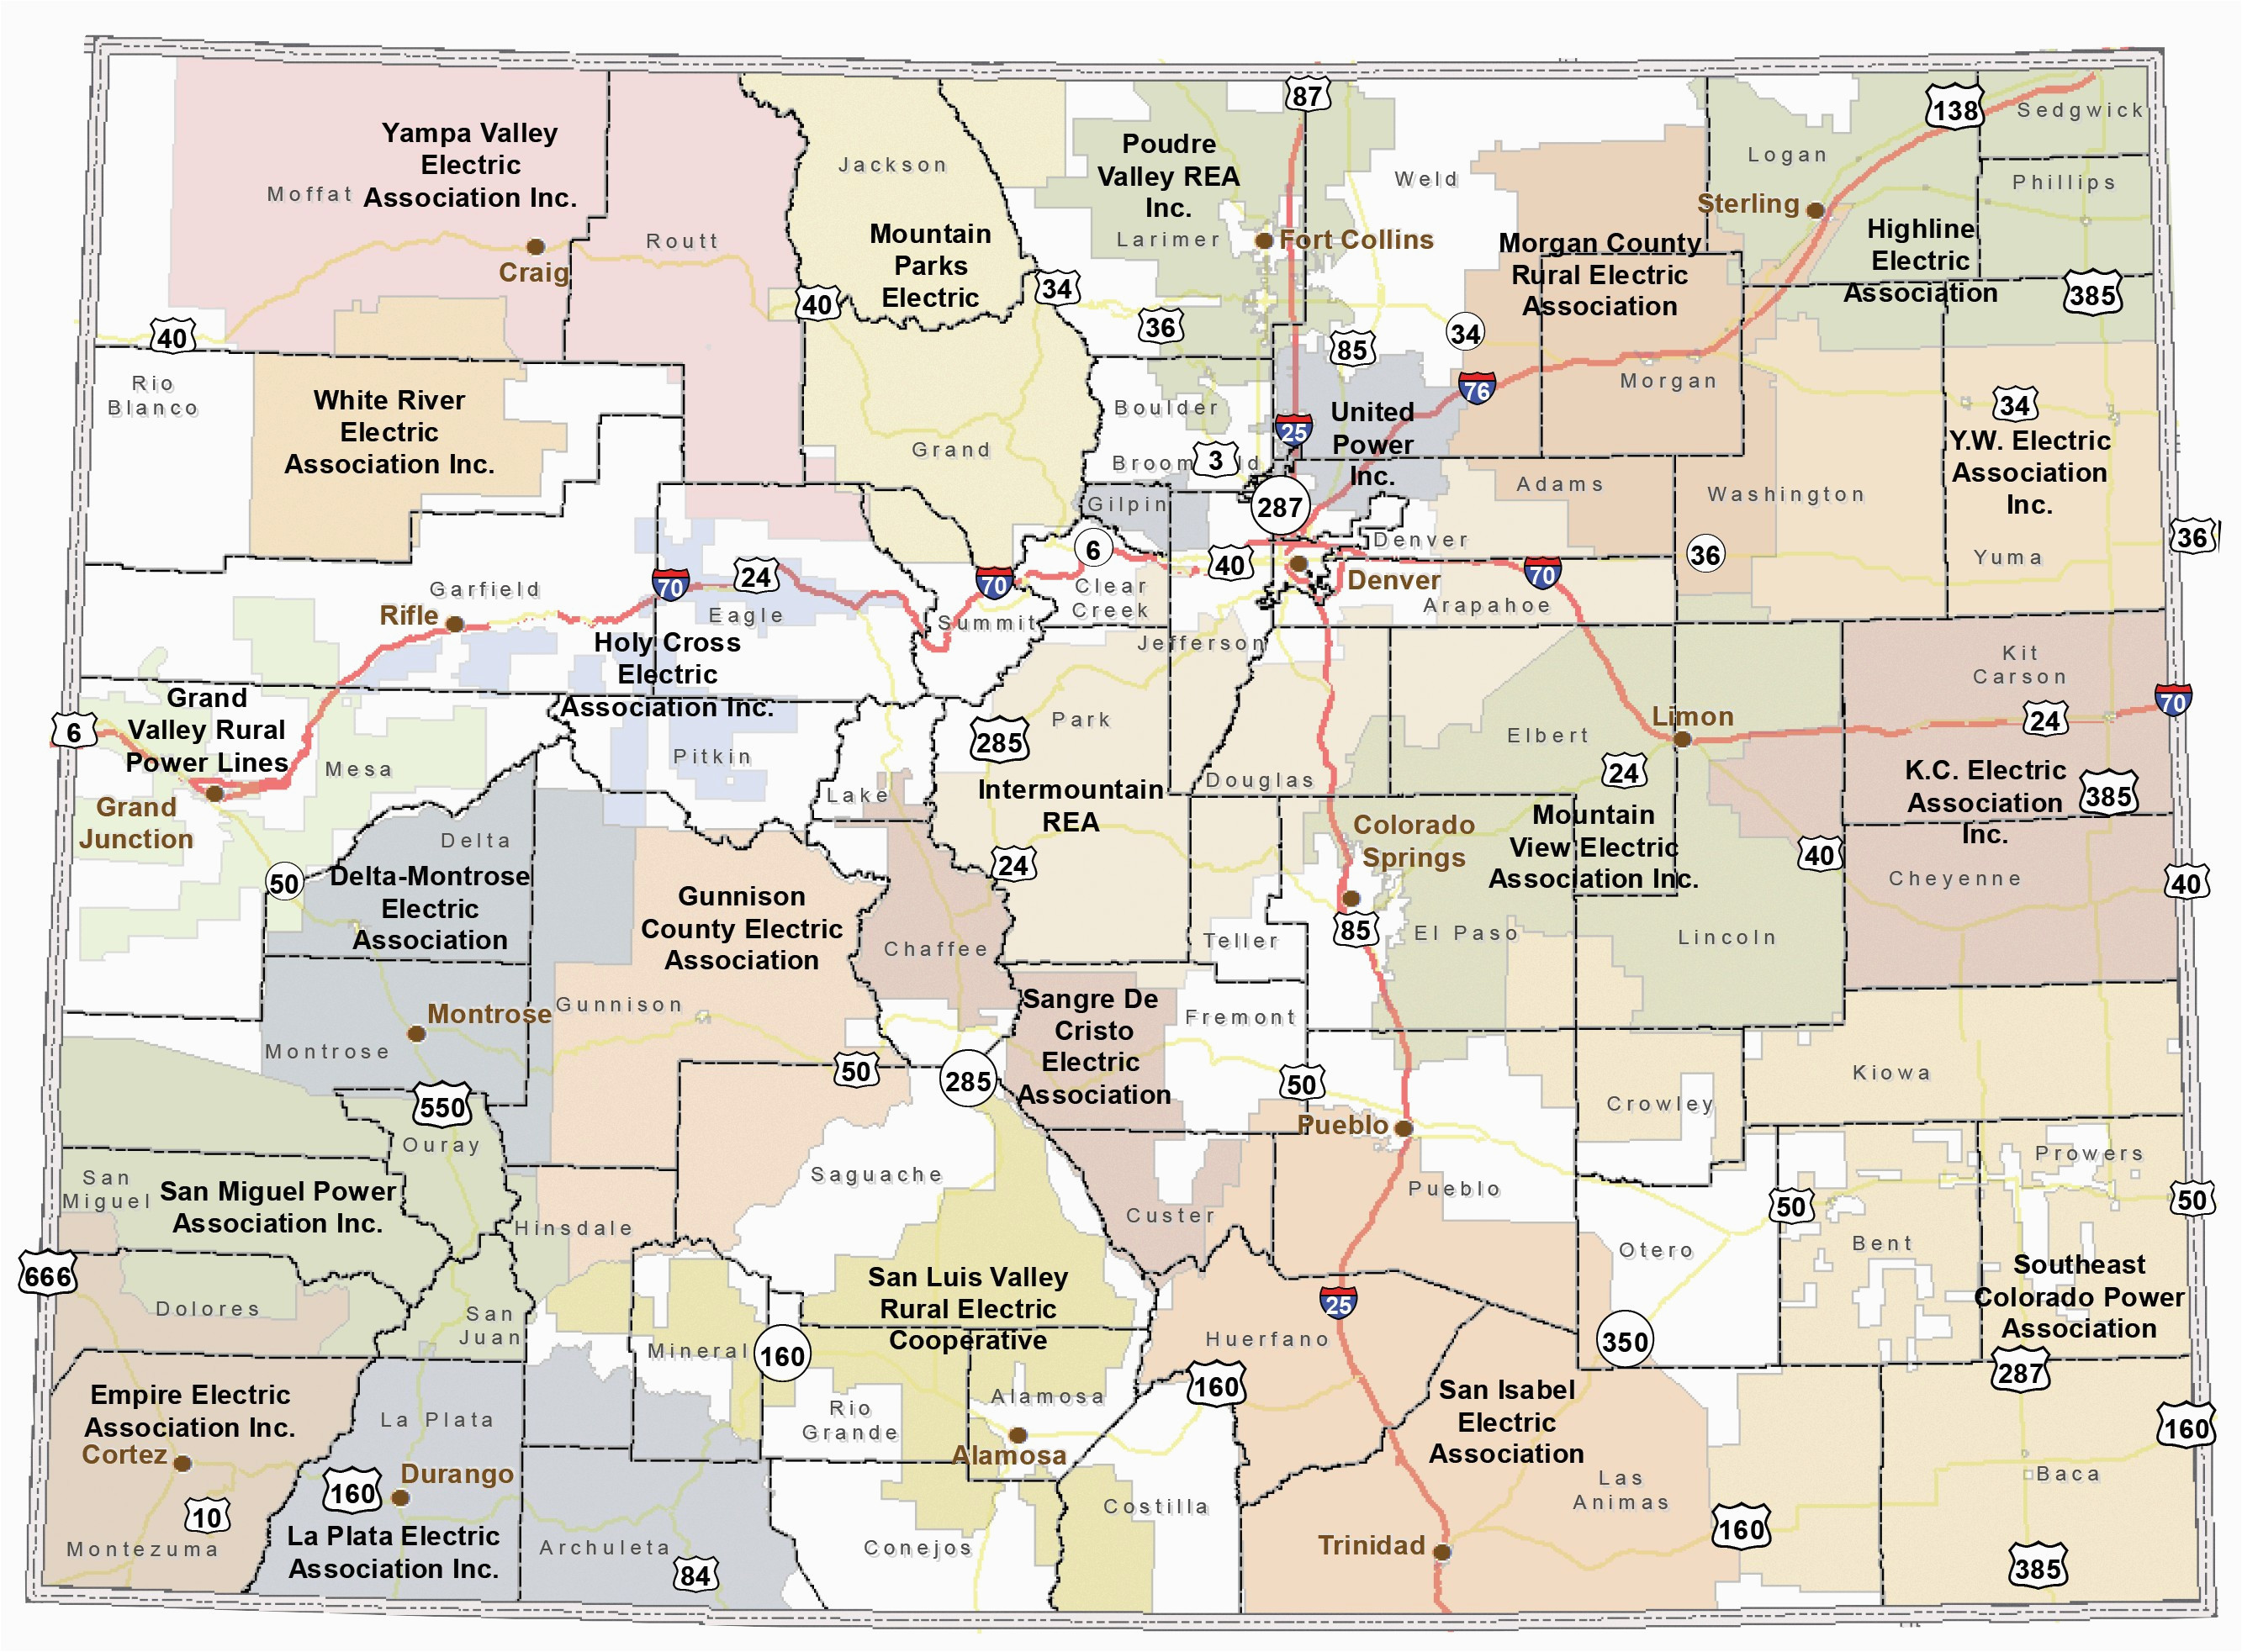 Elbert County Colorado Map Elbert County Colorado Map New Detailed on